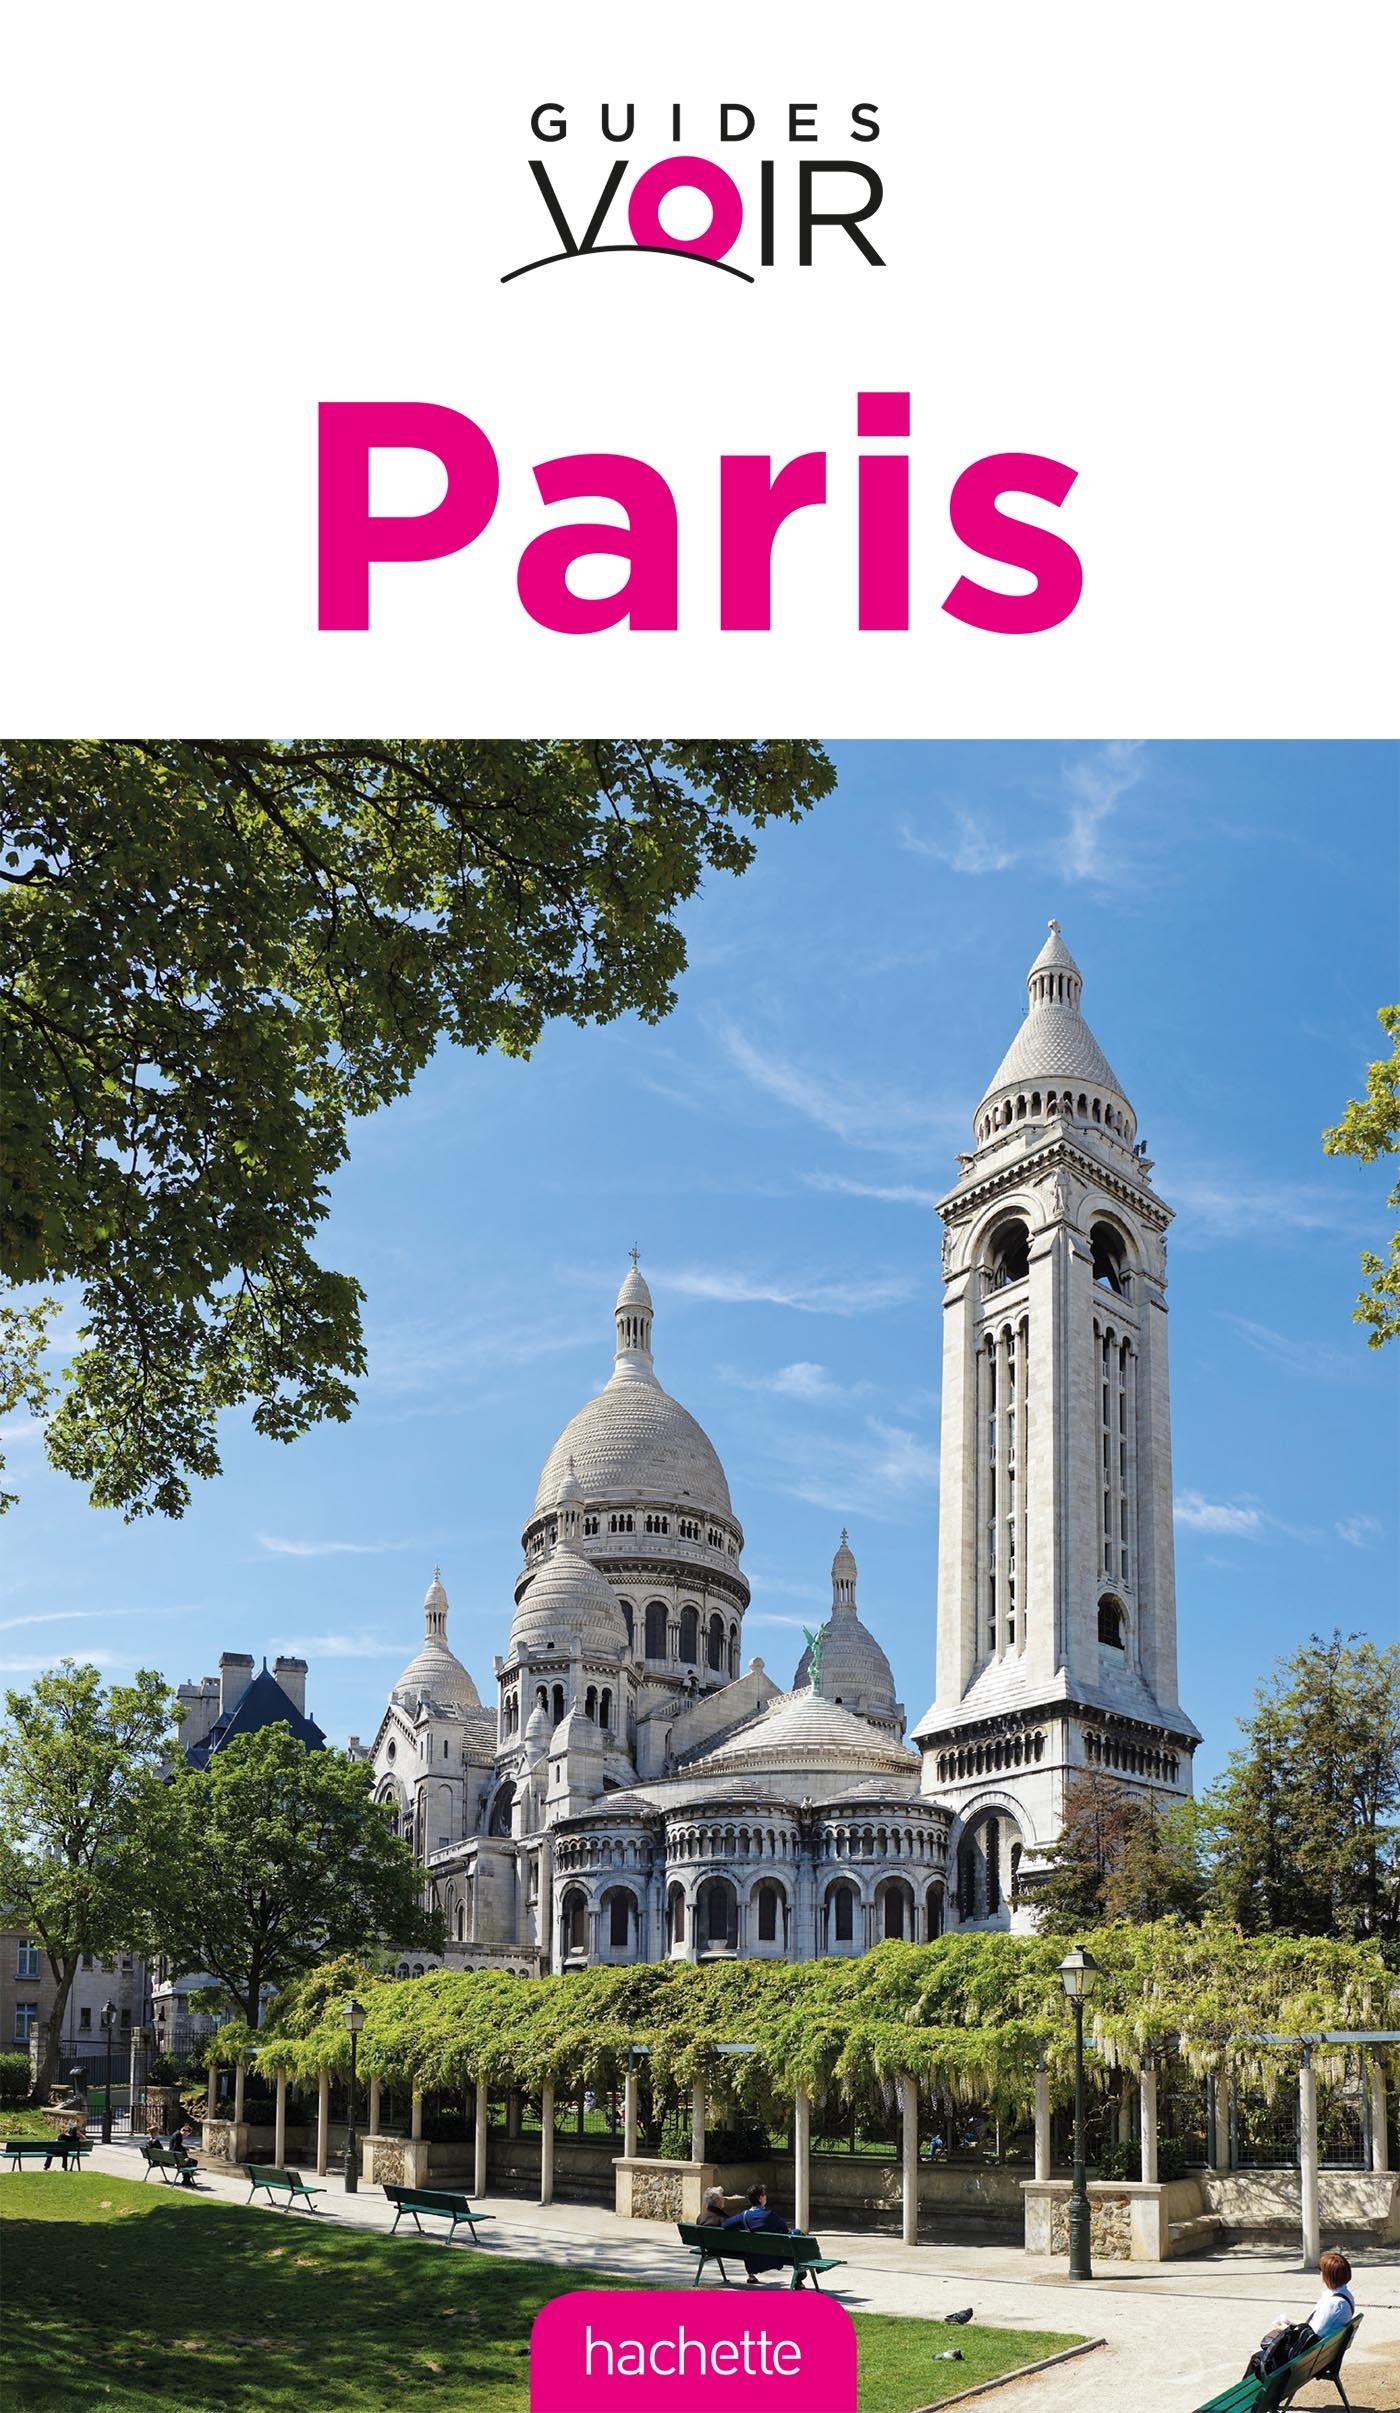 Jardin Du Louvre Beau Guide Voir Paris Guides Voir French Edition Collectif